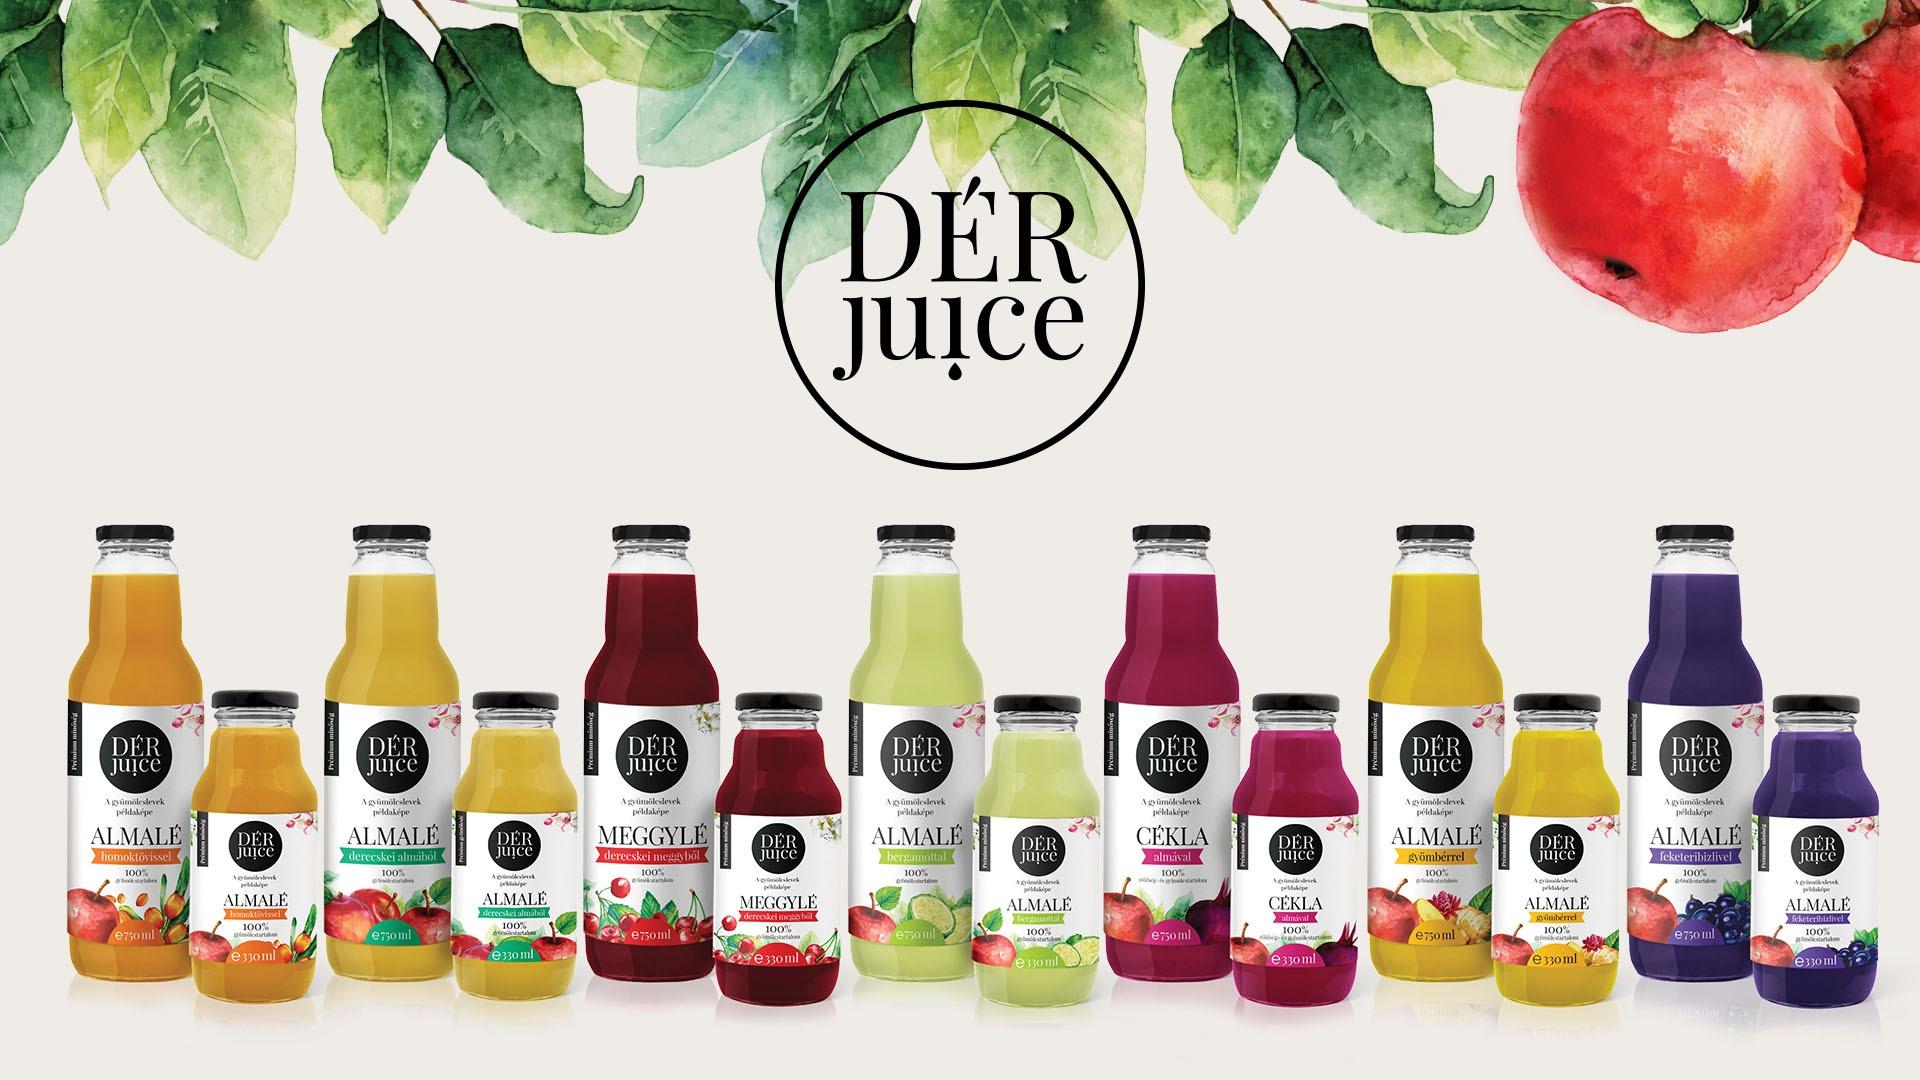 DÉR Juice